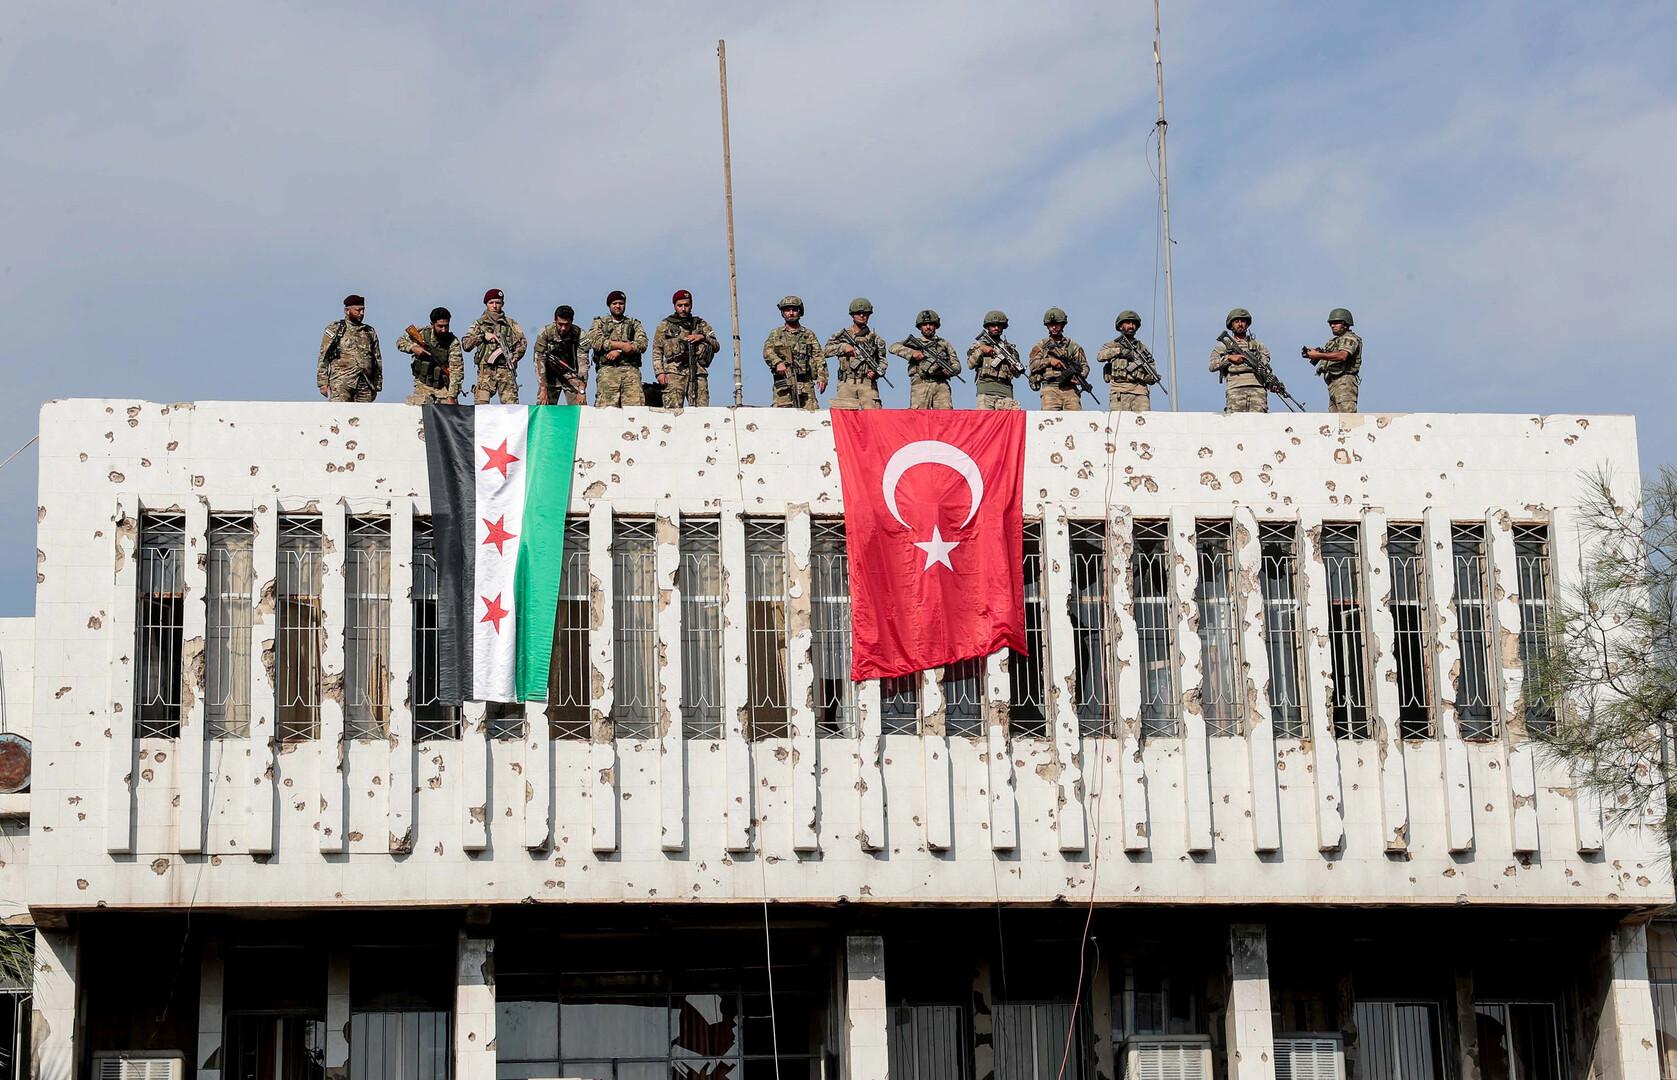 عناصر من الجيش التركي والمعارضة السورية المسلحة على سقف مبنى في مدينة رأس العين شمال شرق سوريا